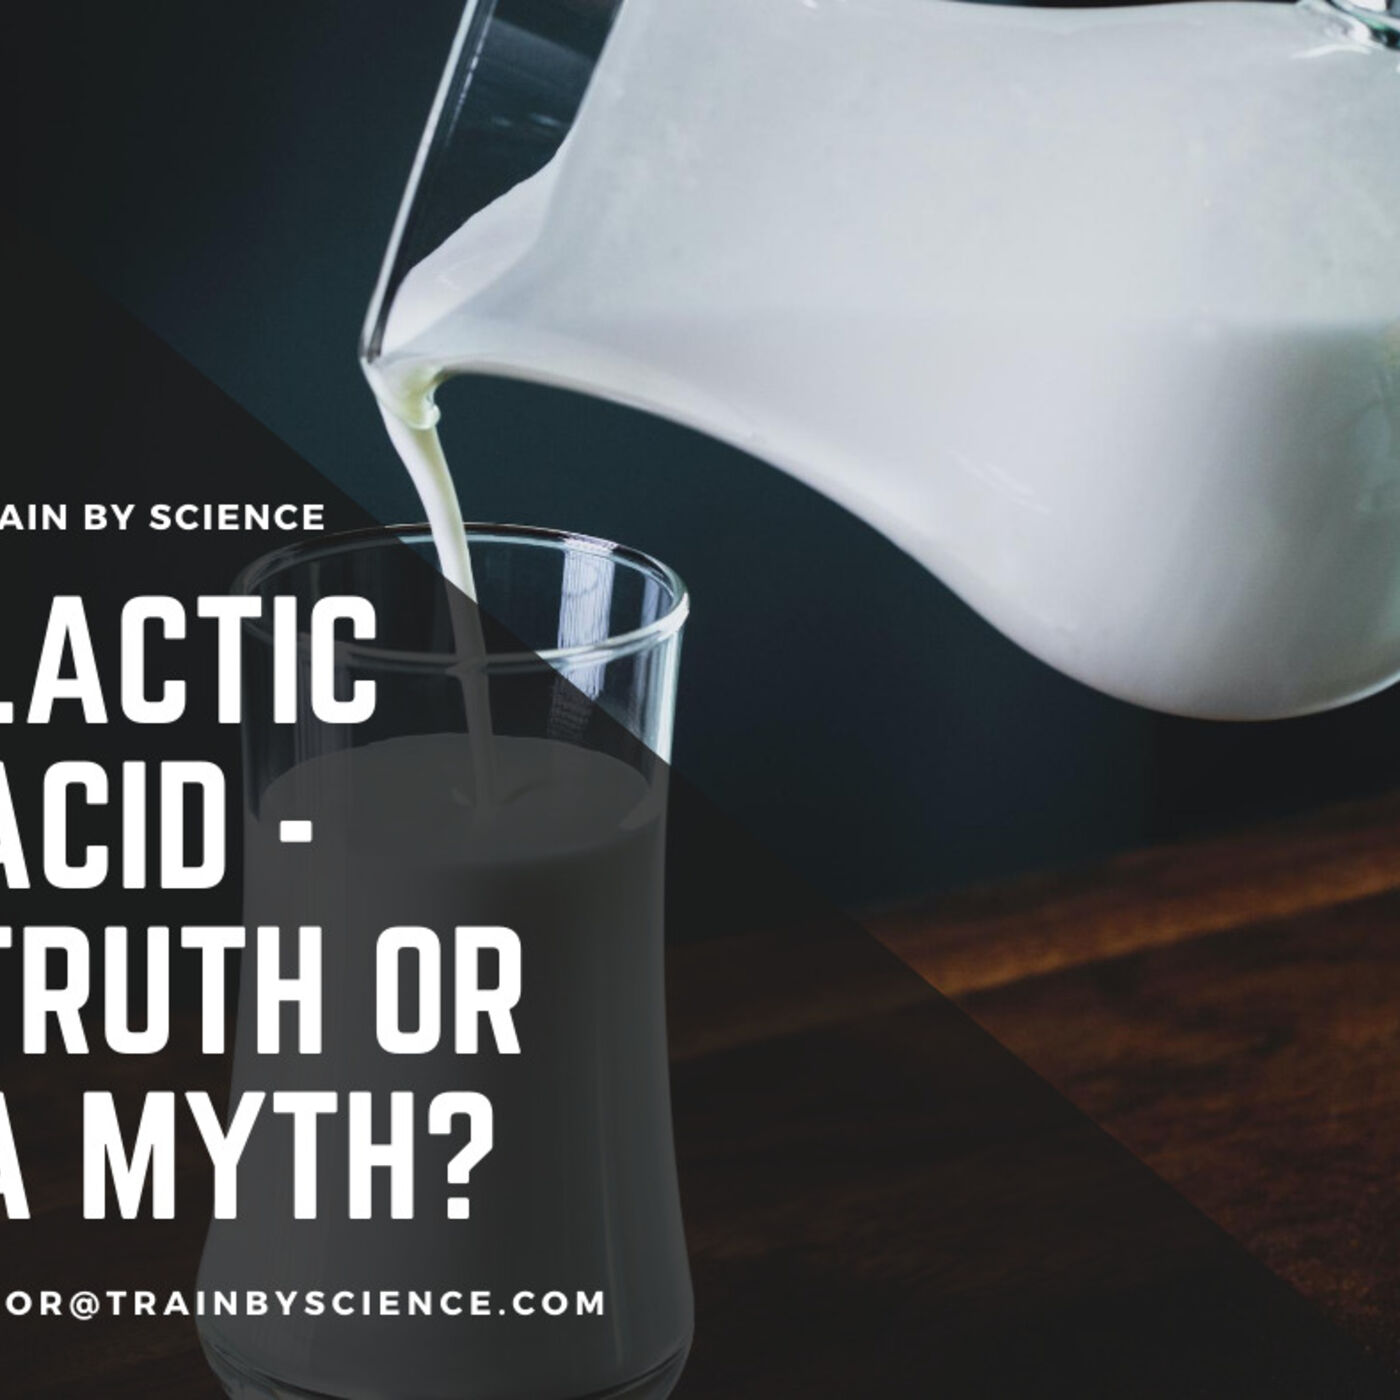 חומצת חלב - אמת צרופה או מיתוס שגוי?